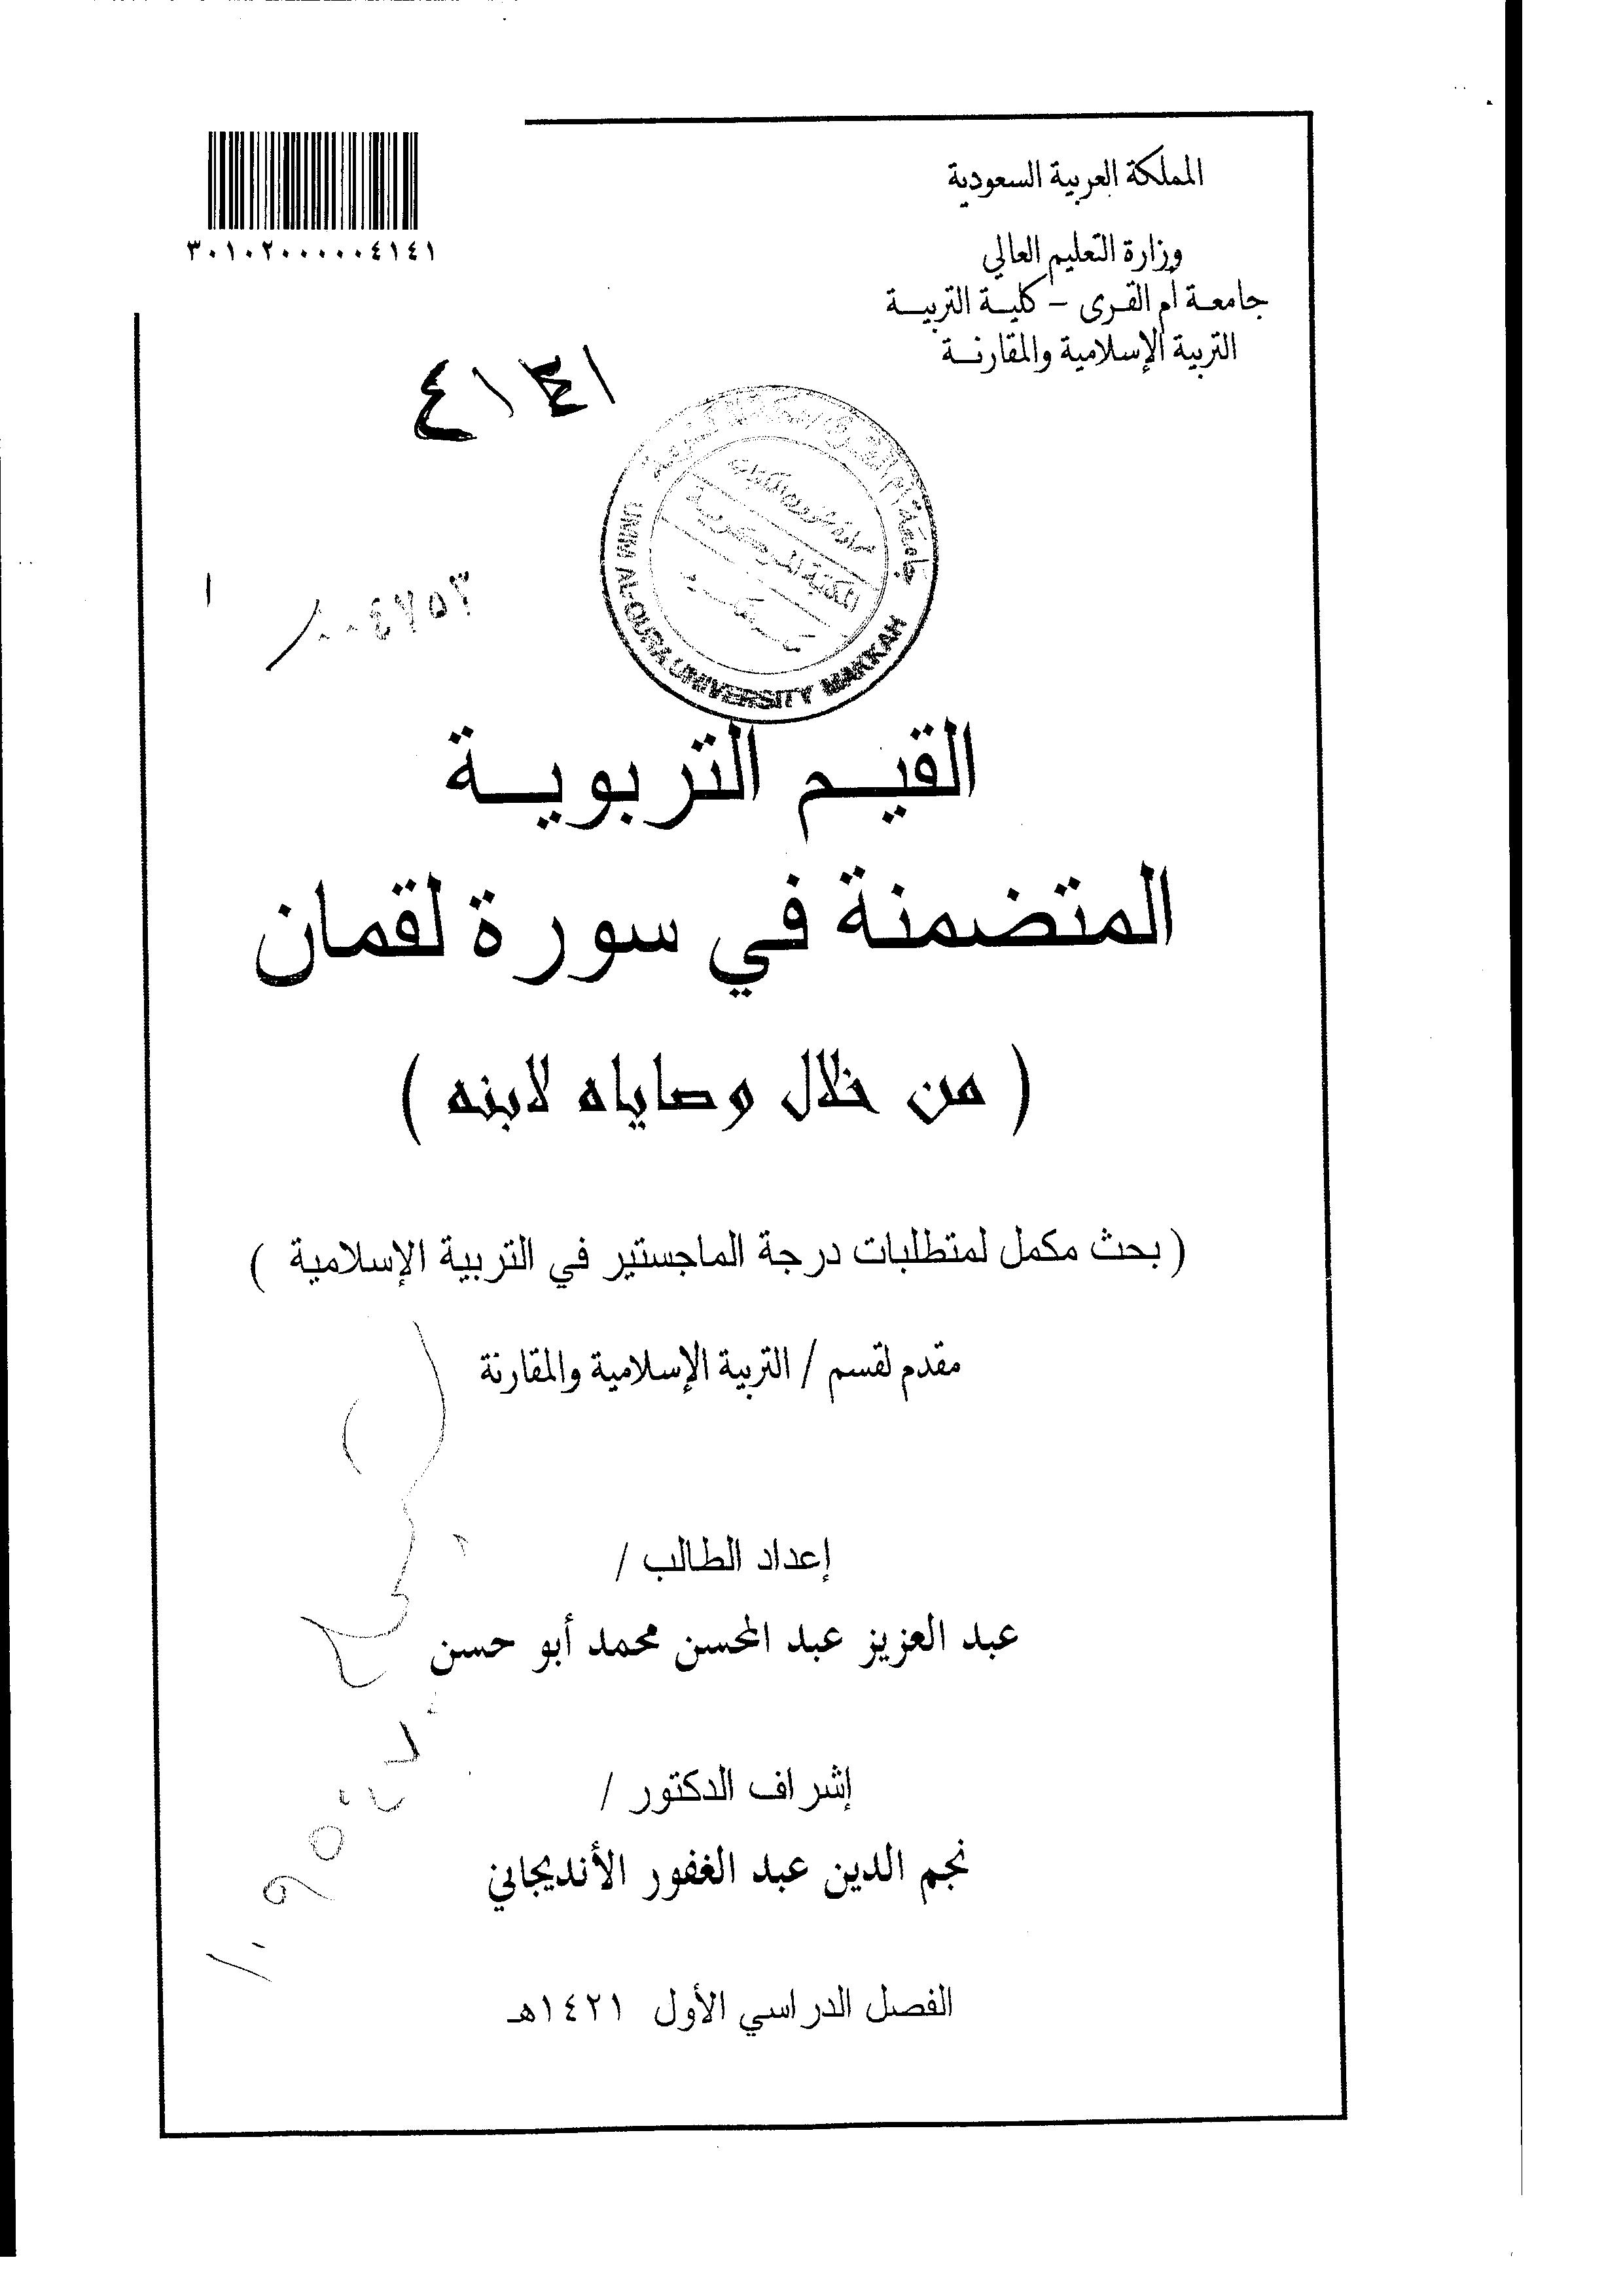 تحميل كتاب القيم التربوية المتضمنة في سورة لقمان (من خلال وصاياه لابنه) لـِ: عبد العزيز عبد المحسن محمد أبو حسن